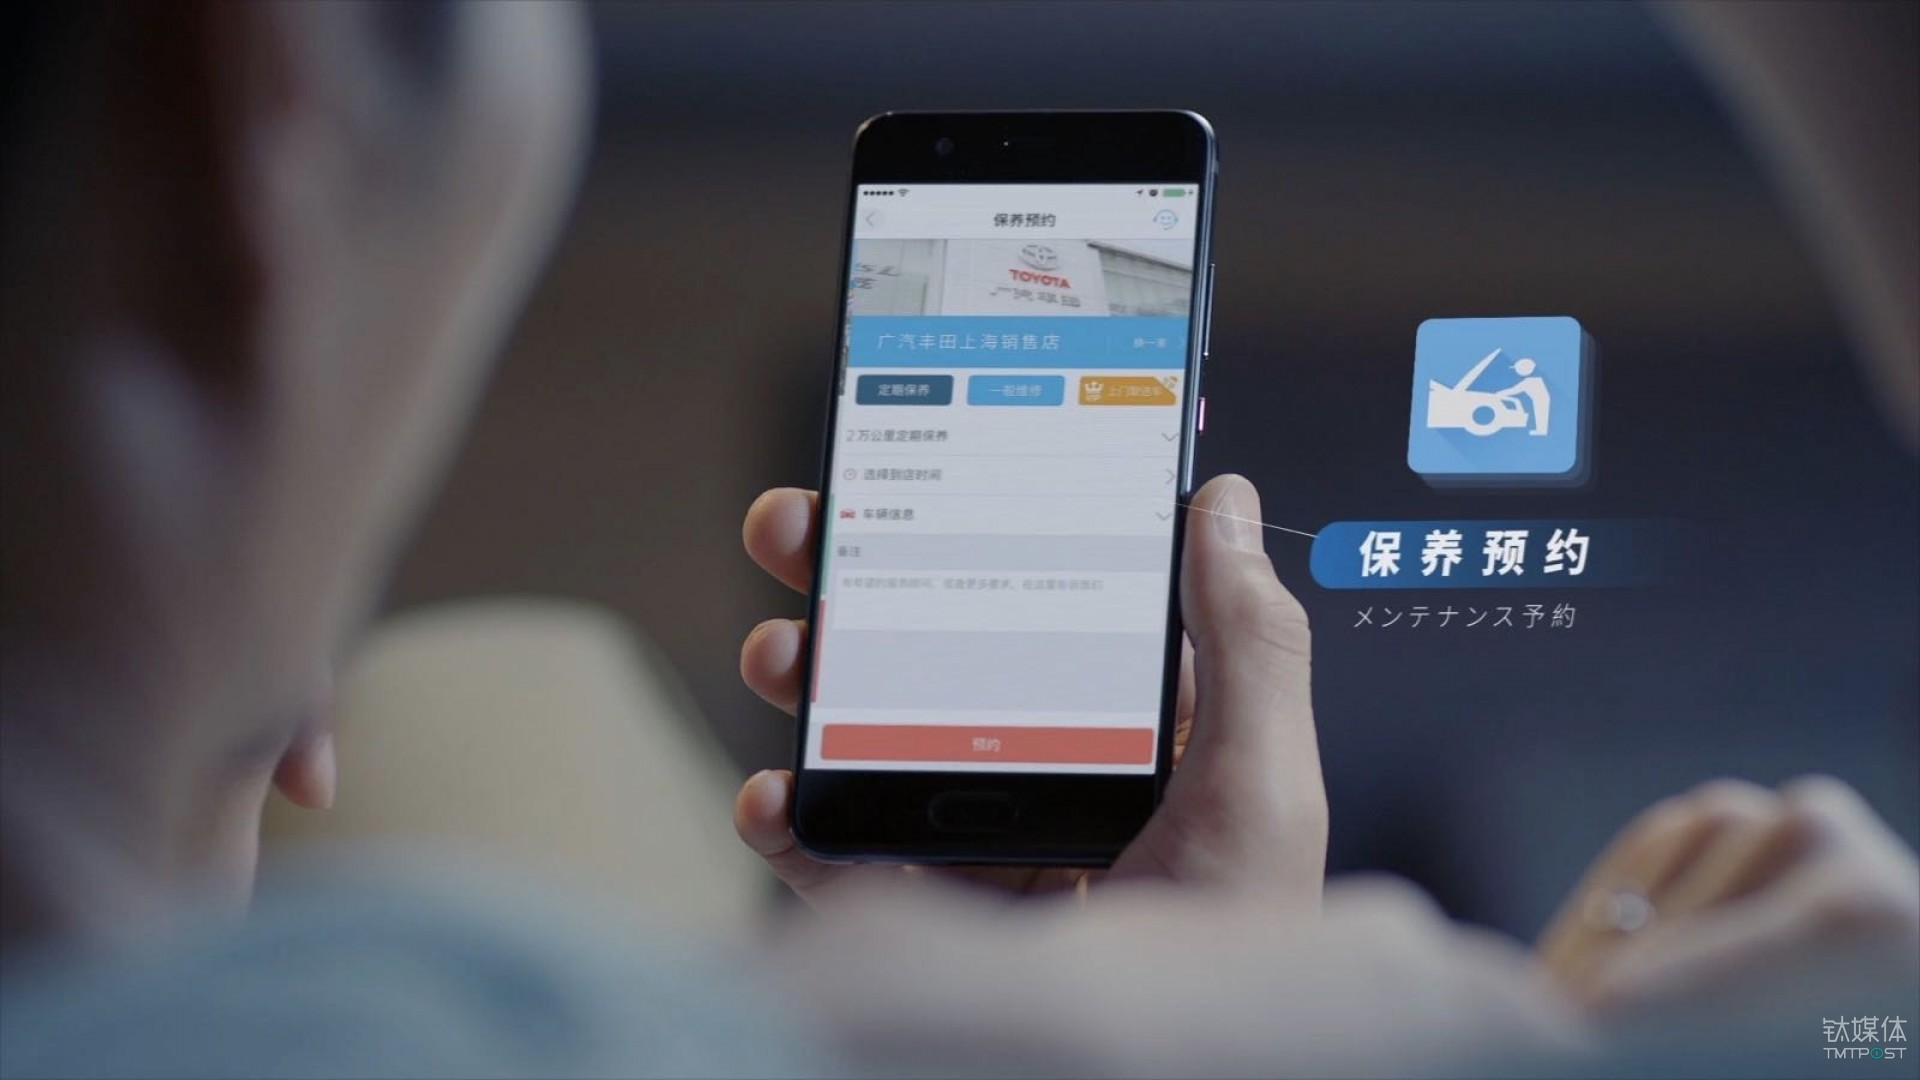 广汽丰田丰云行App荣获2017 「最佳汽车出行云服务」 BTAwards 20